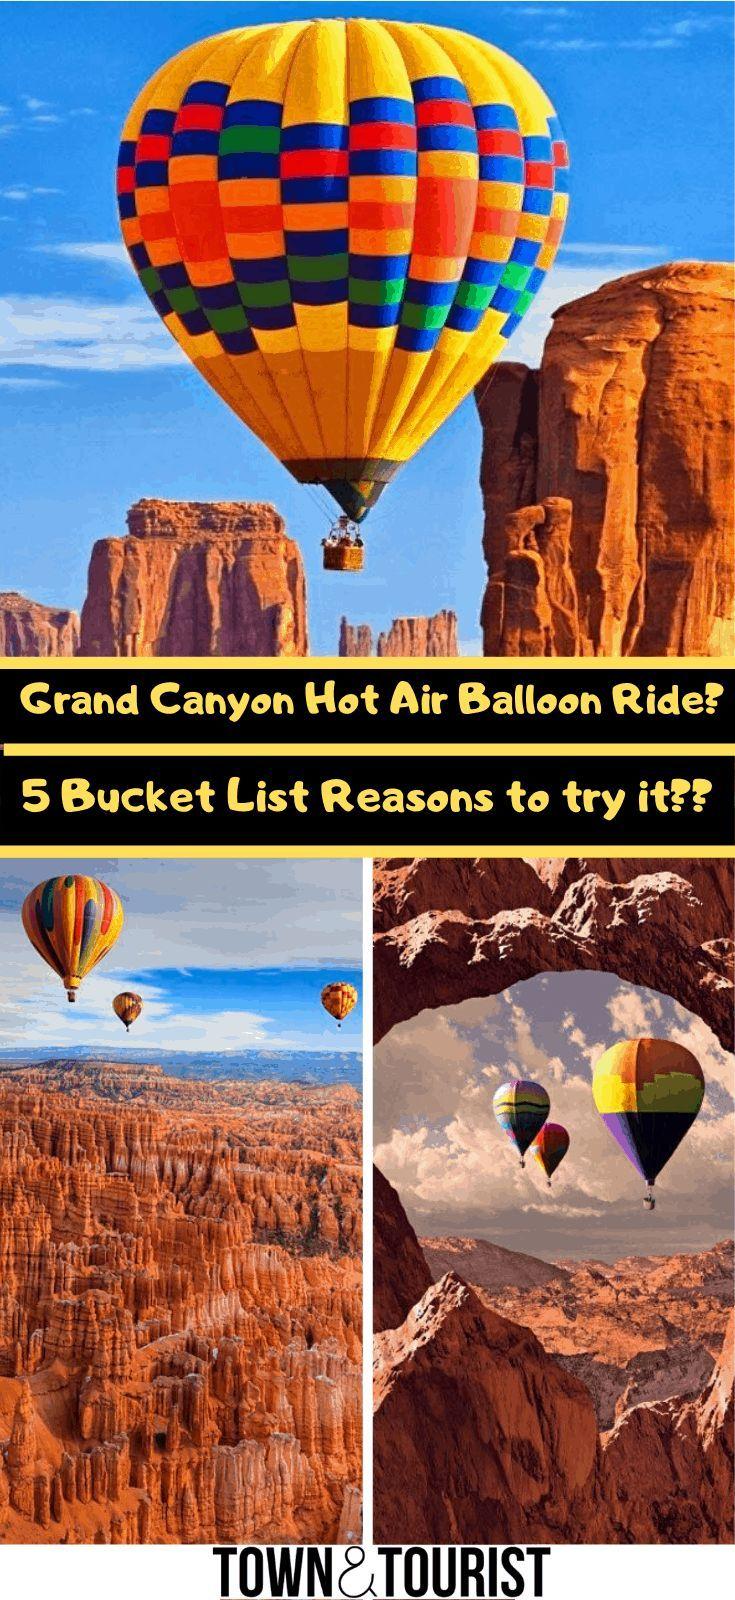 5 Golden Reason to take a HOT AIR BALLOON RIDE OVER the